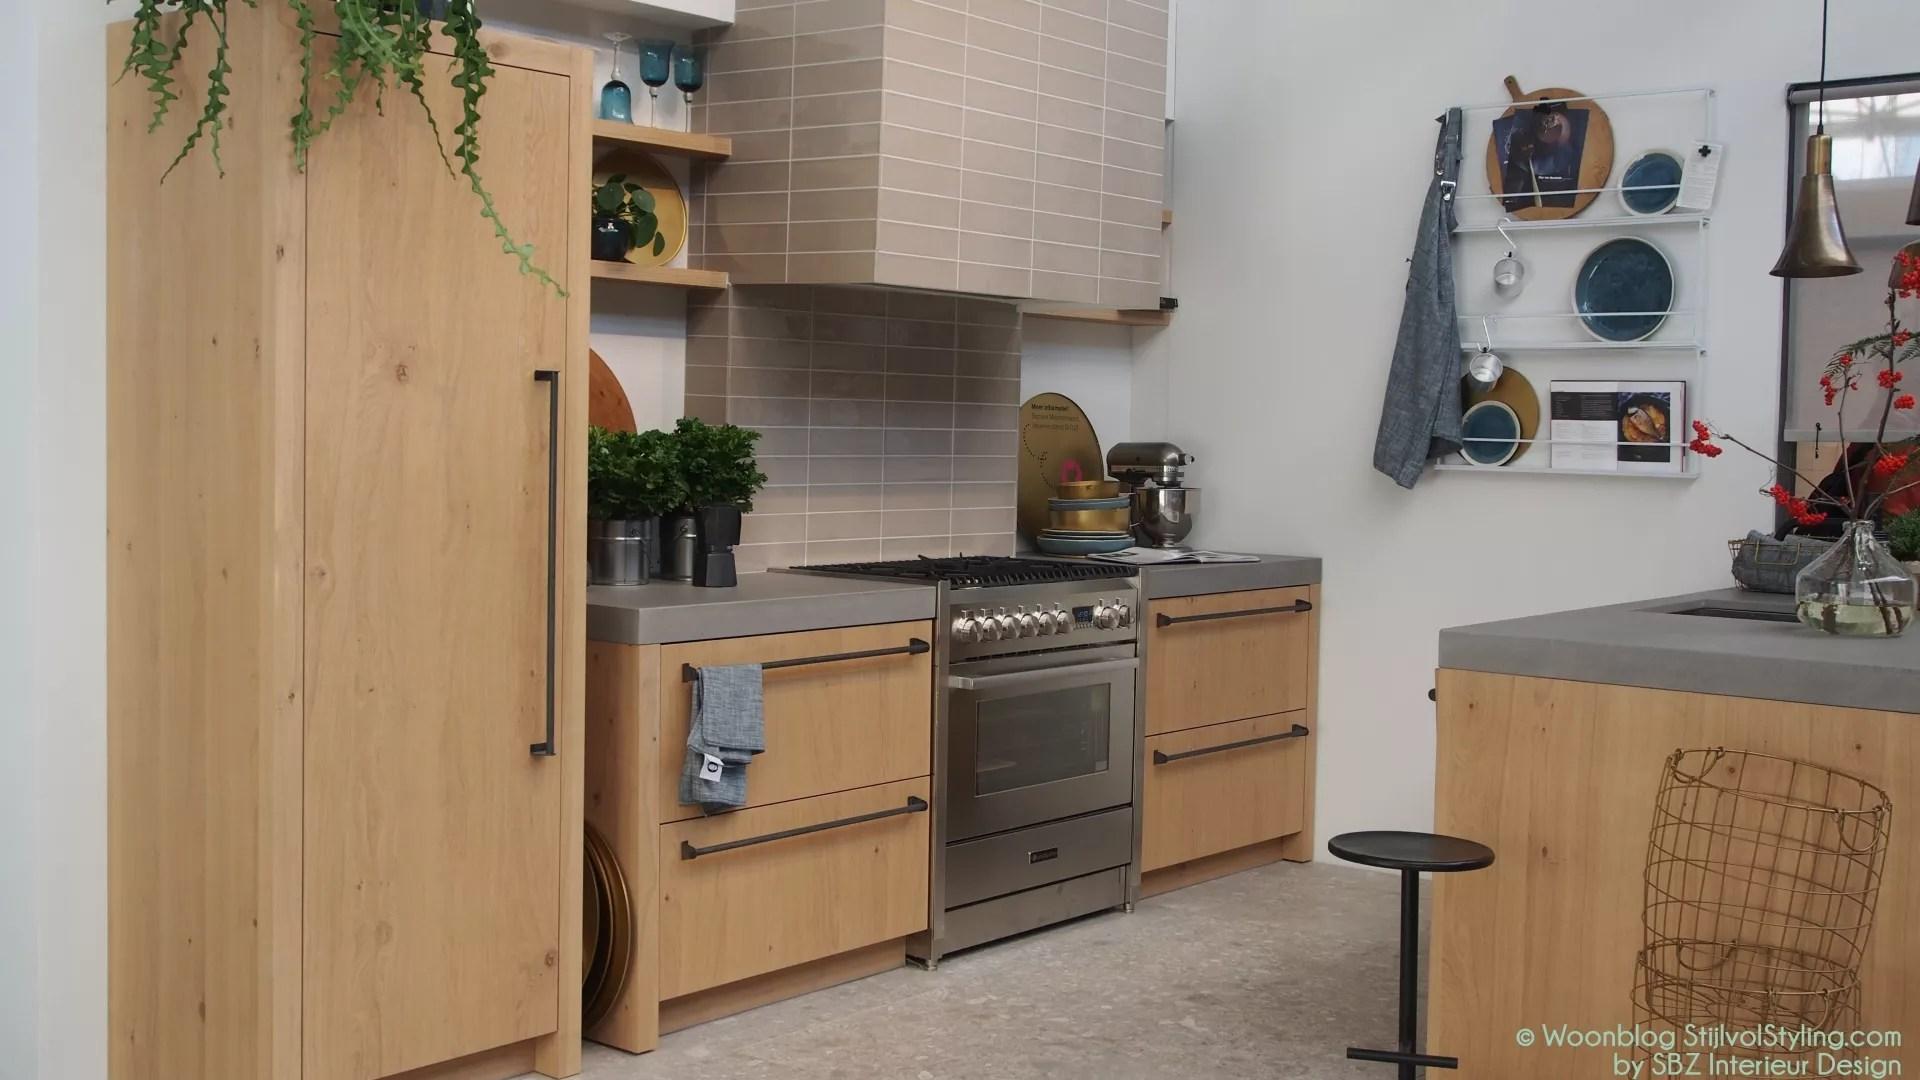 Inspiratie Aankleding Keuken : Interieur jouw keuken praktisch en stijlvol inrichten u stijlvol